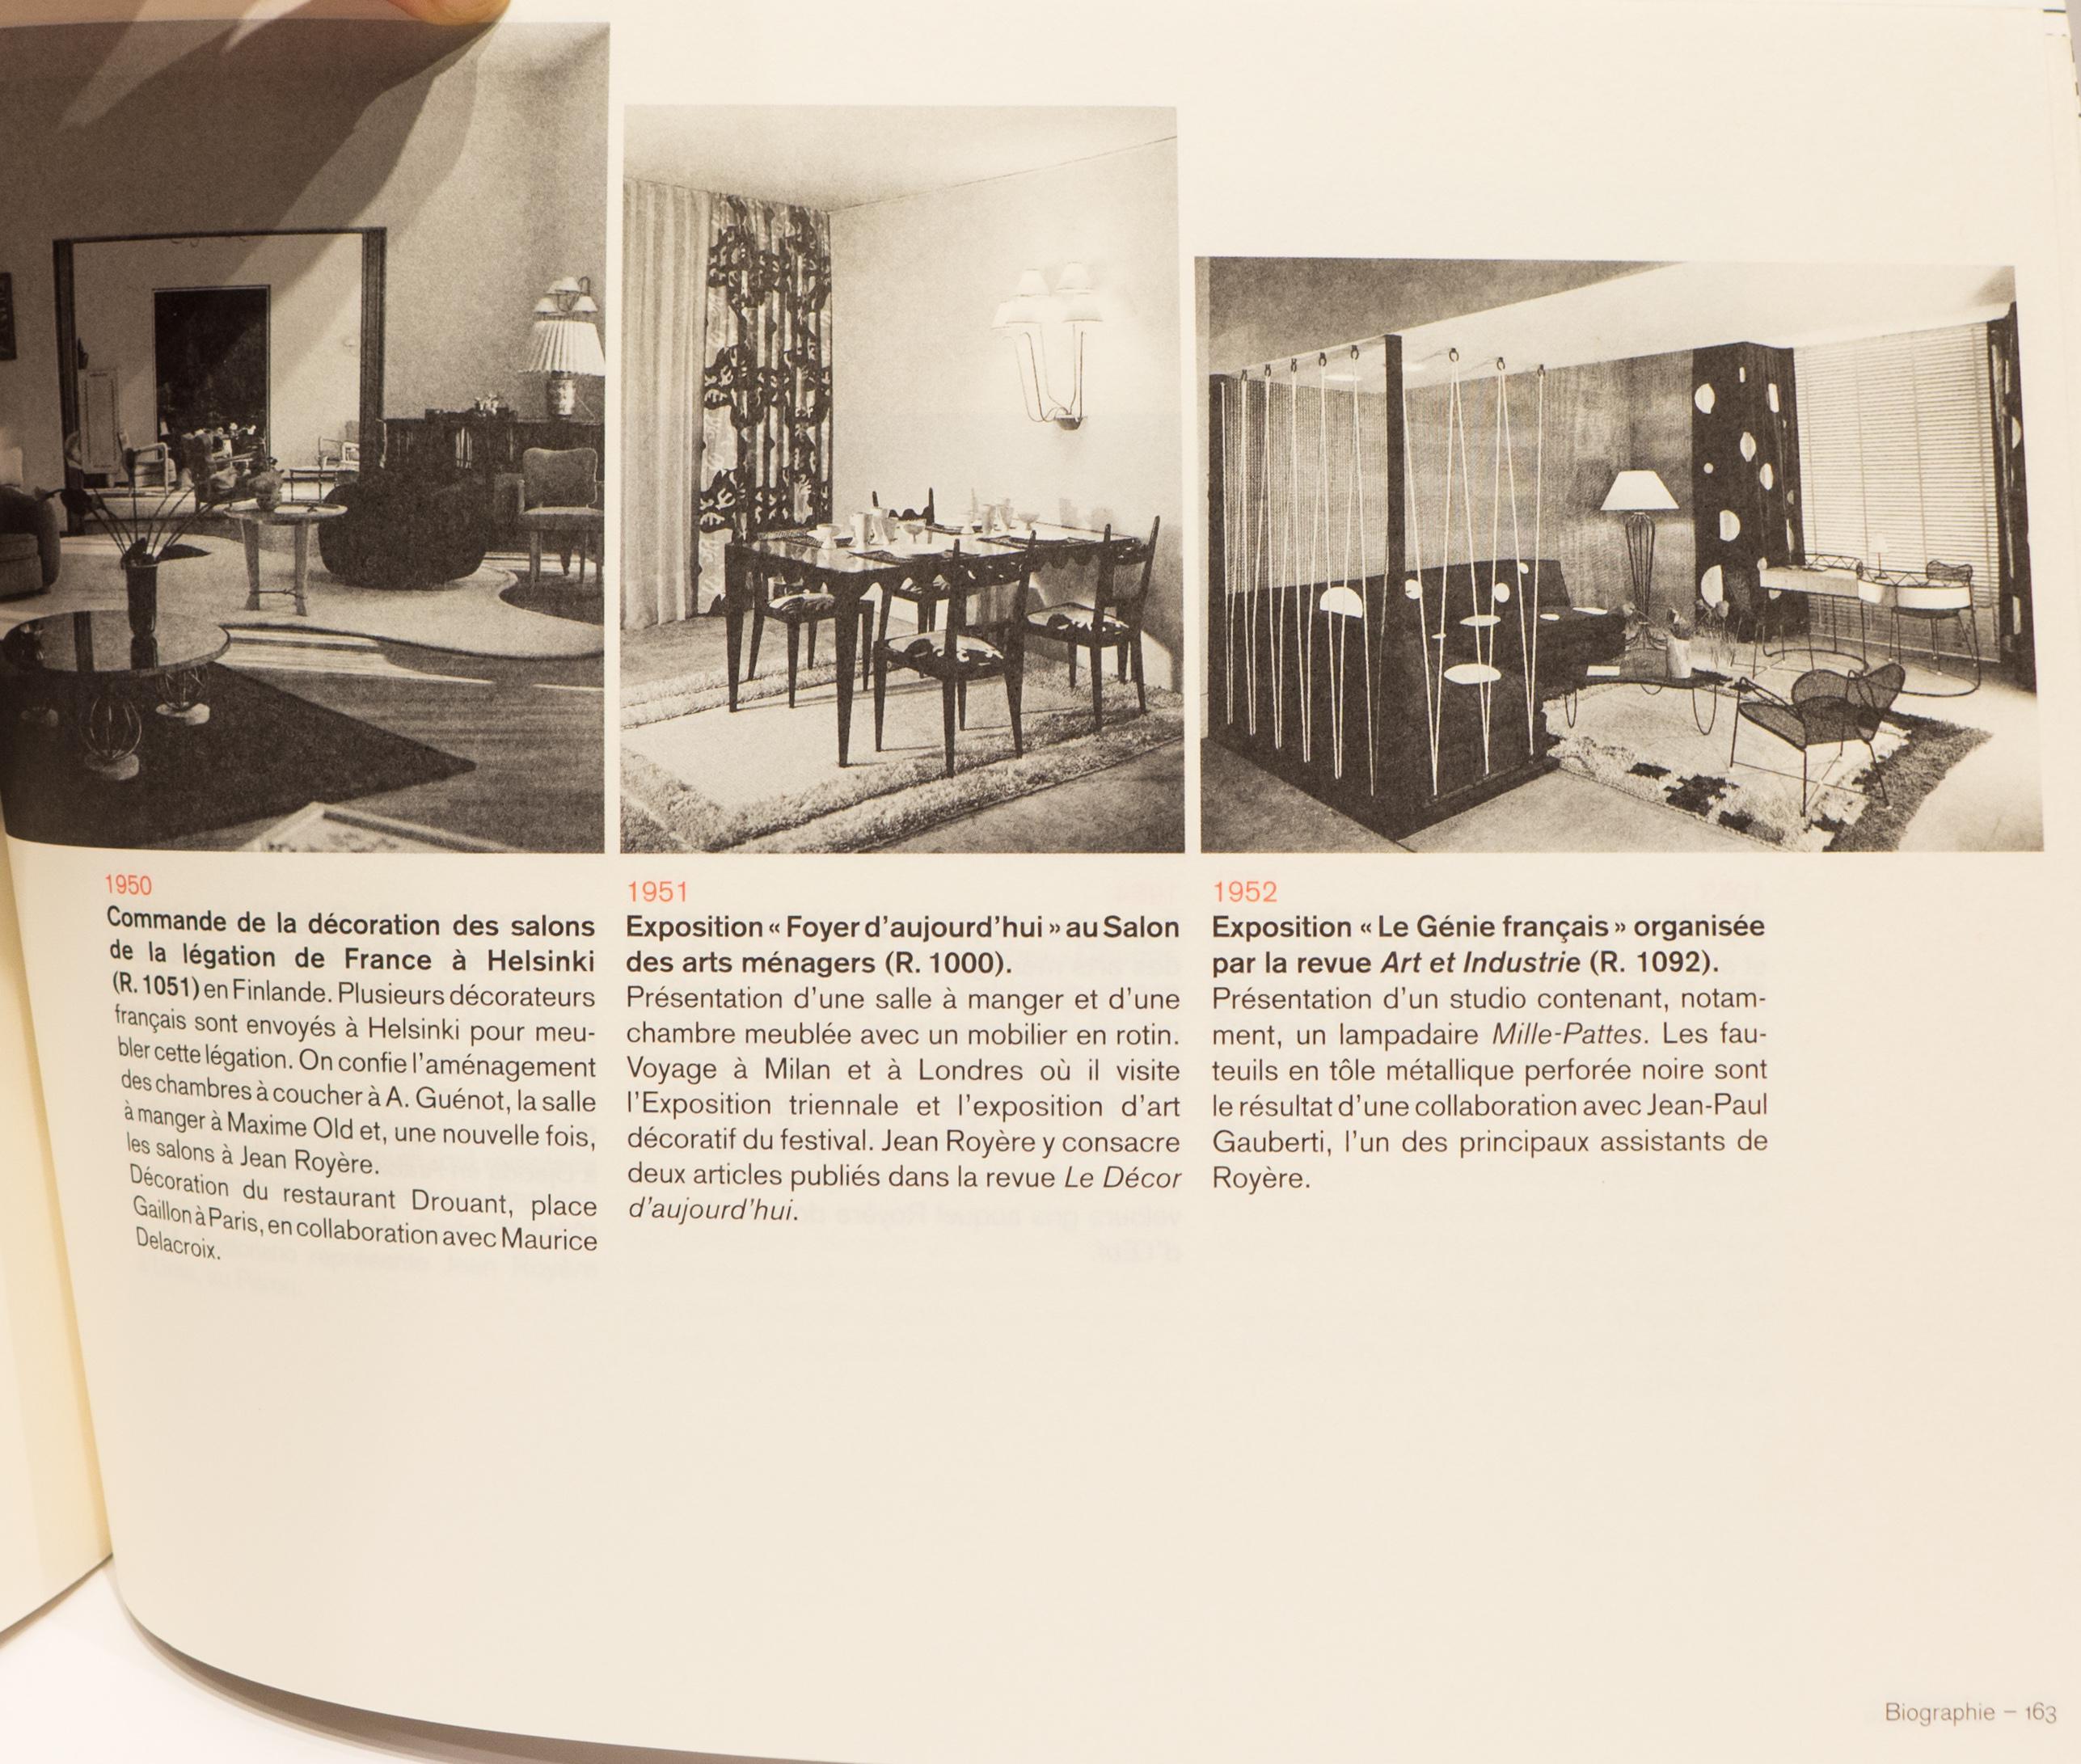 decorateur paris fabulous dcorateur duintrieur dcoration murale mtallique with decorateur paris. Black Bedroom Furniture Sets. Home Design Ideas